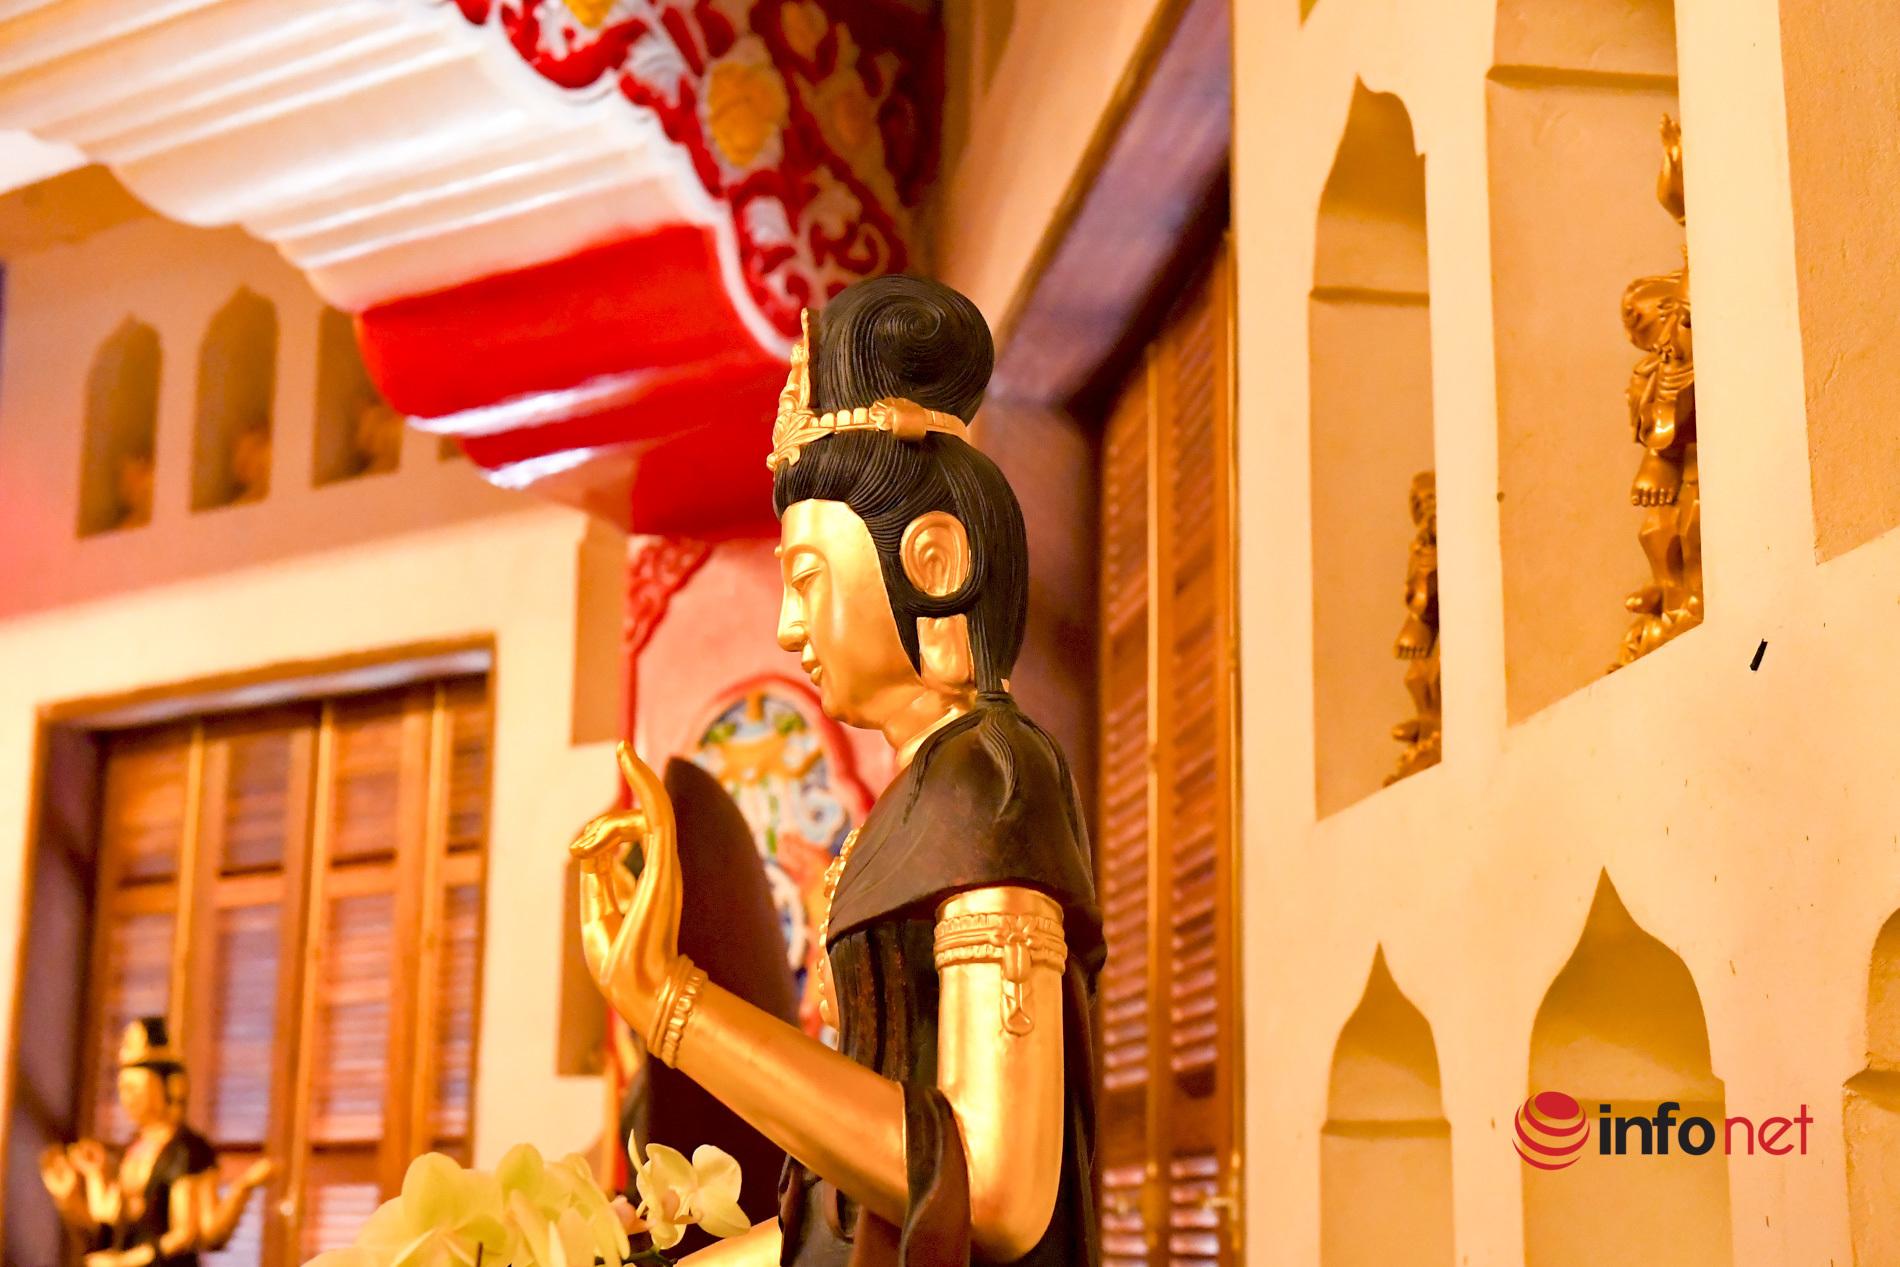 Chiêm ngưỡng tượng Phật lớn nhất khu vực Đông Nam Á